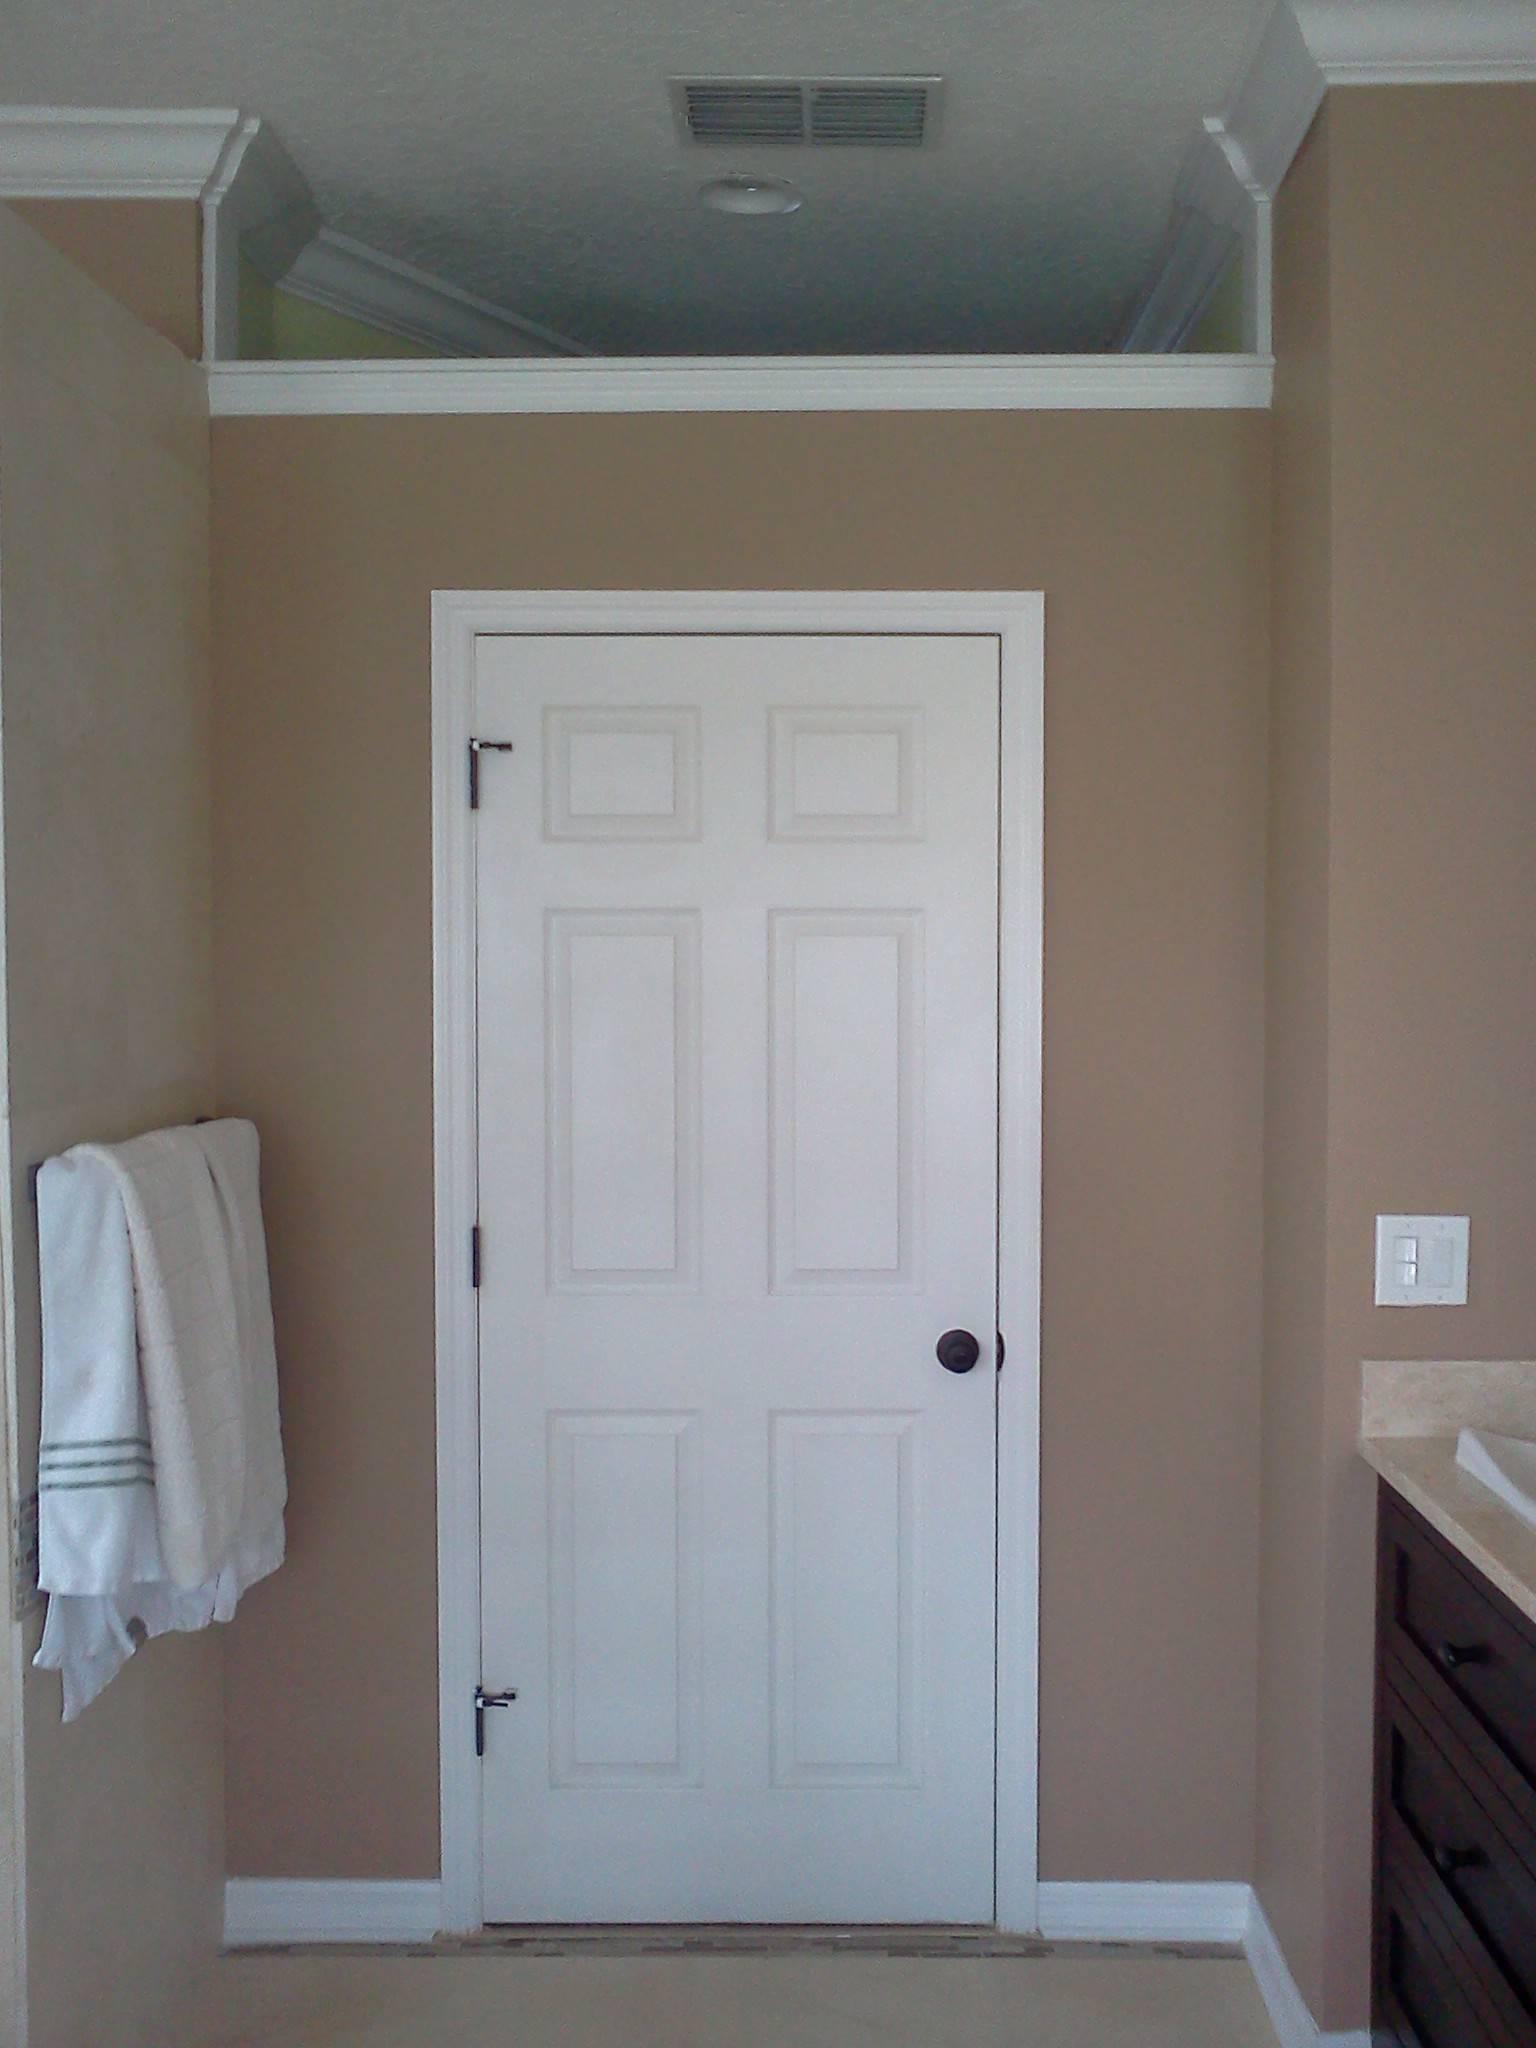 New Door and Trim